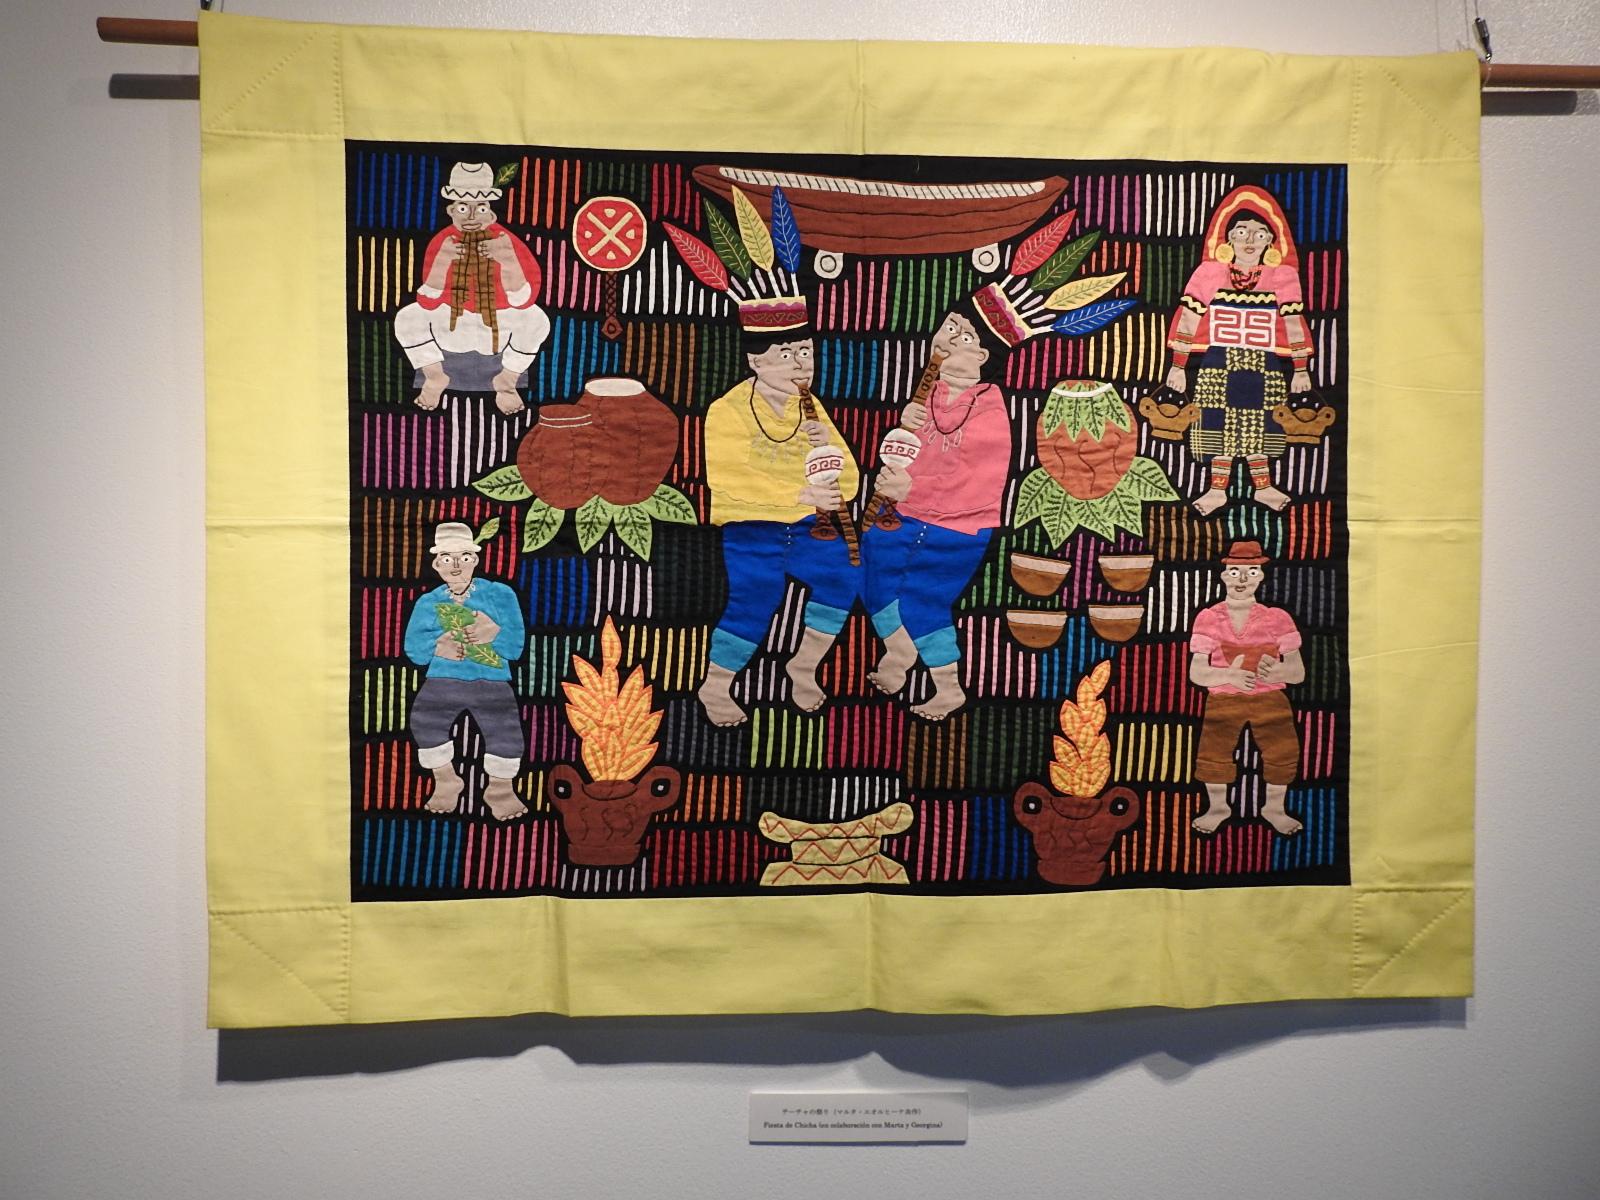 グナ族の文化を表したモラ